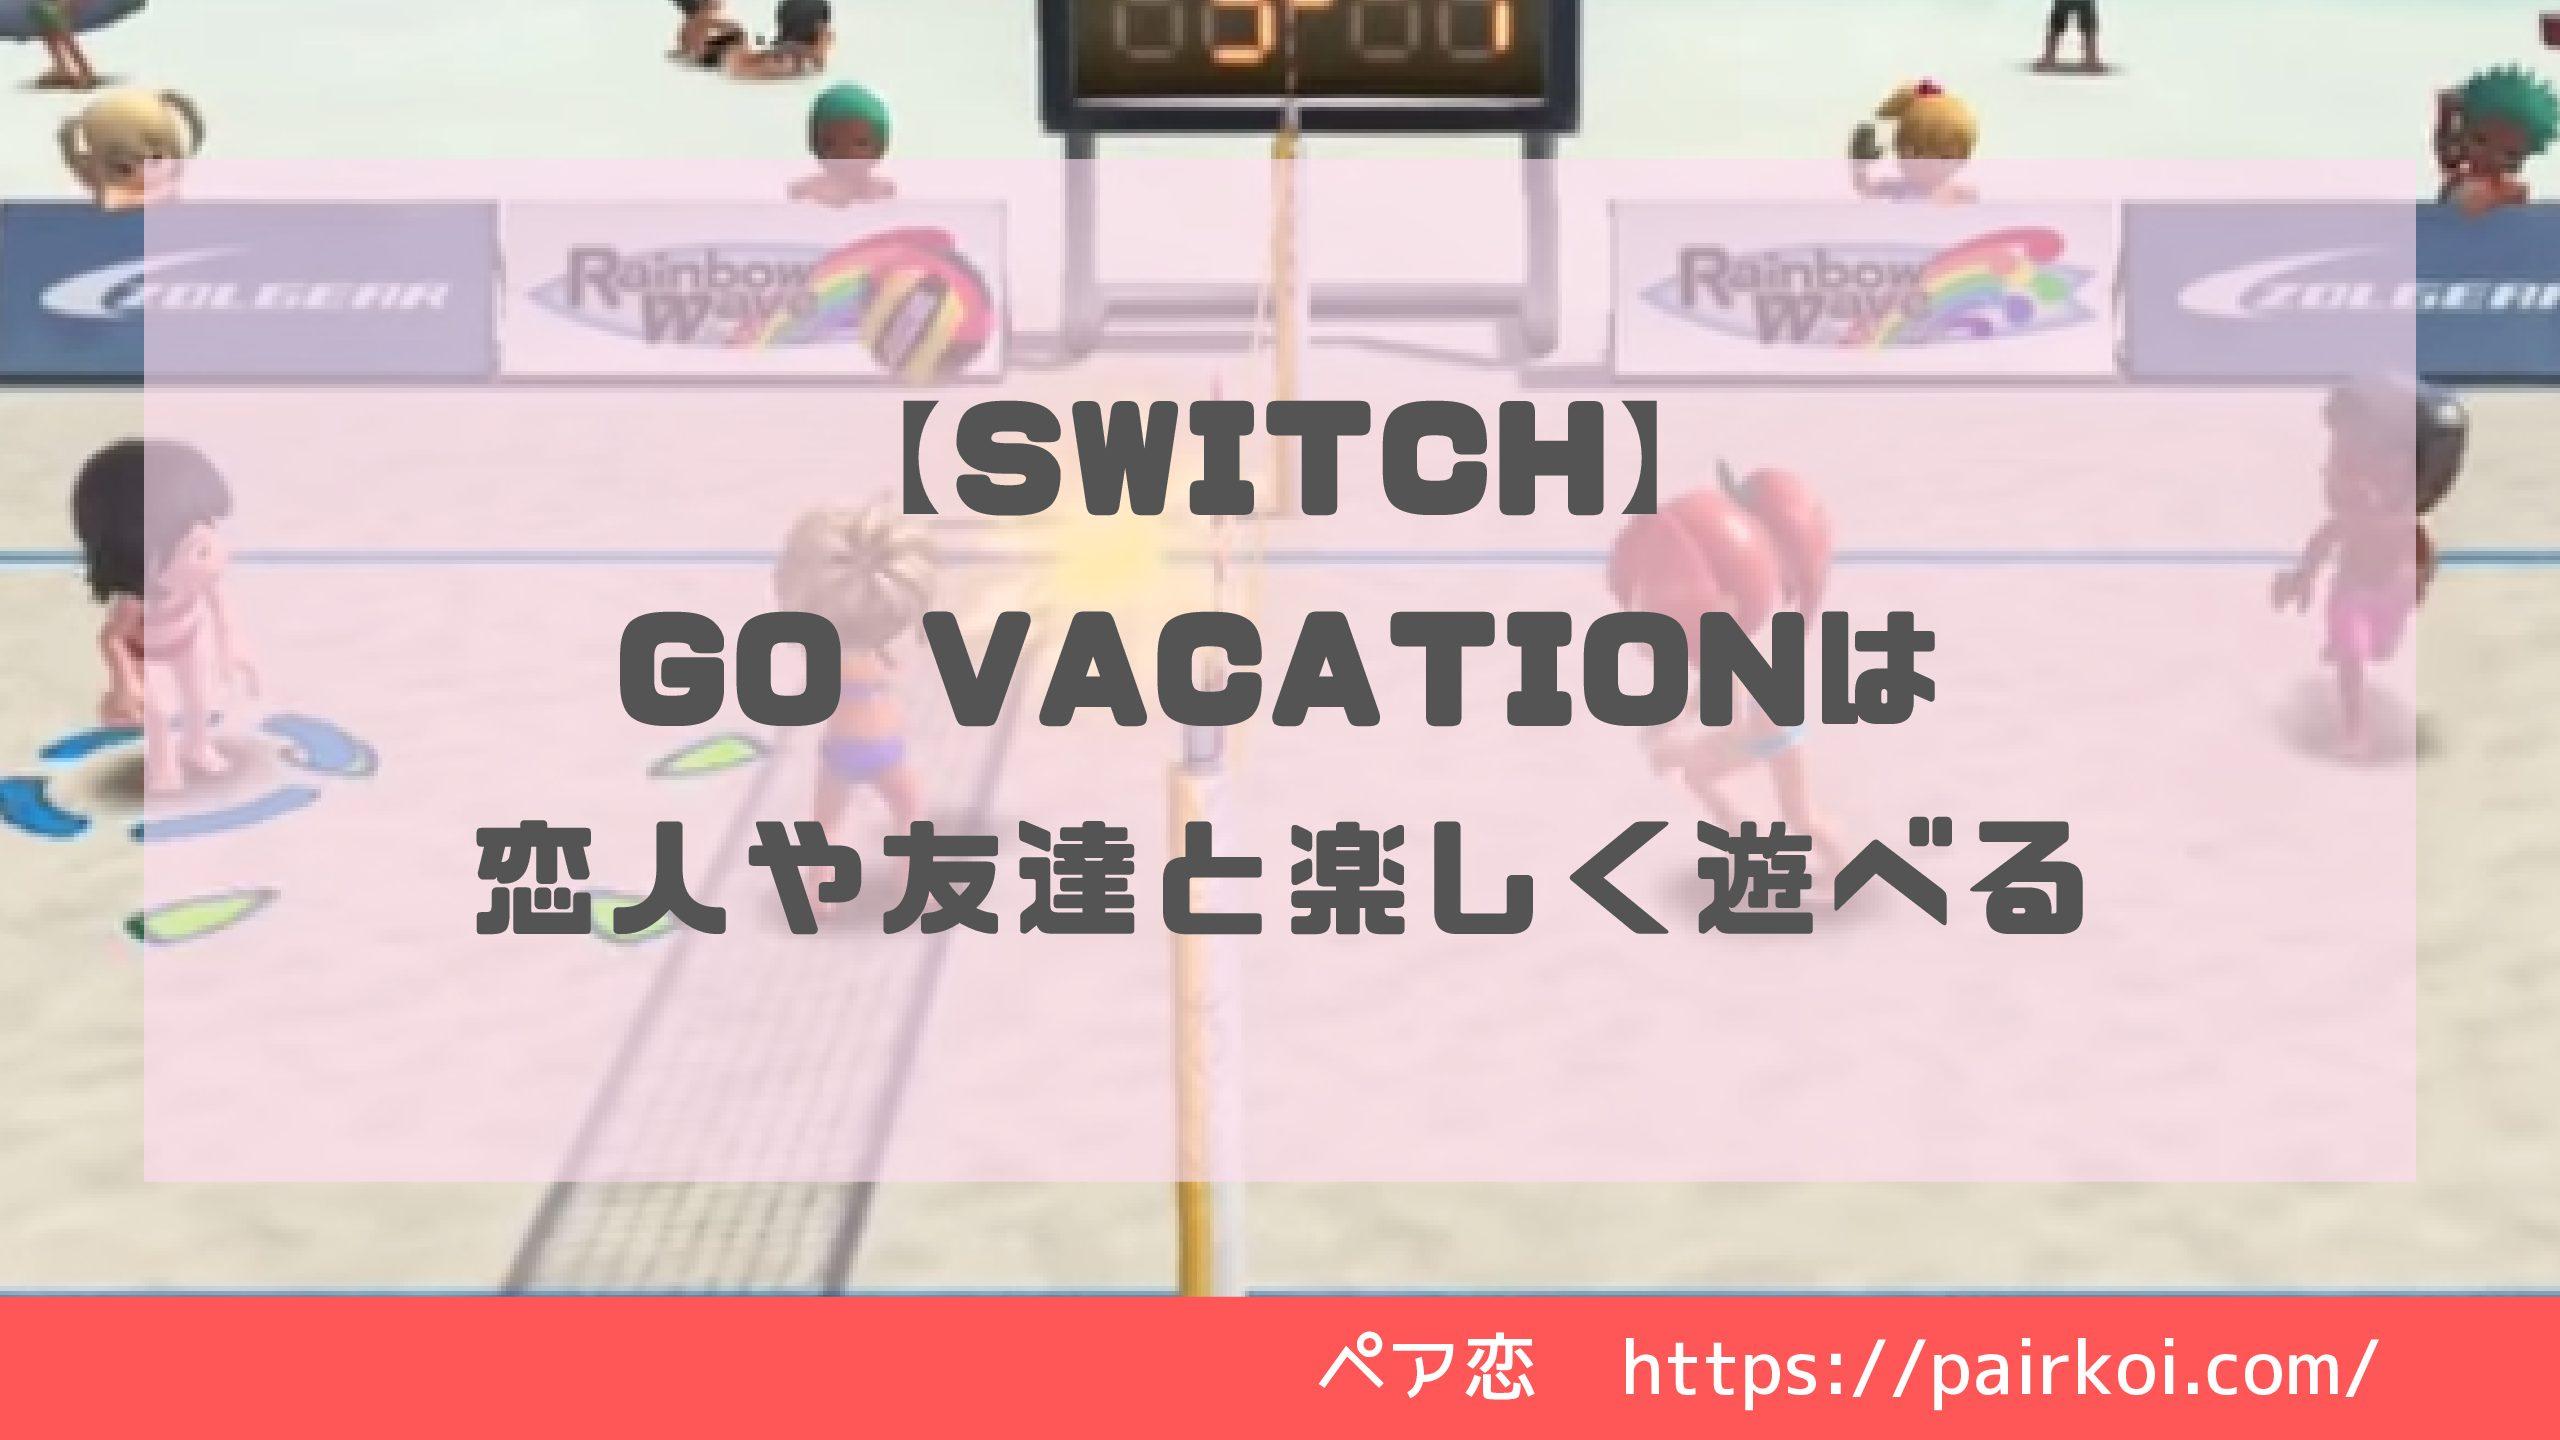 【Switch】GO VACATIONは恋人や友達と楽しく遊べる